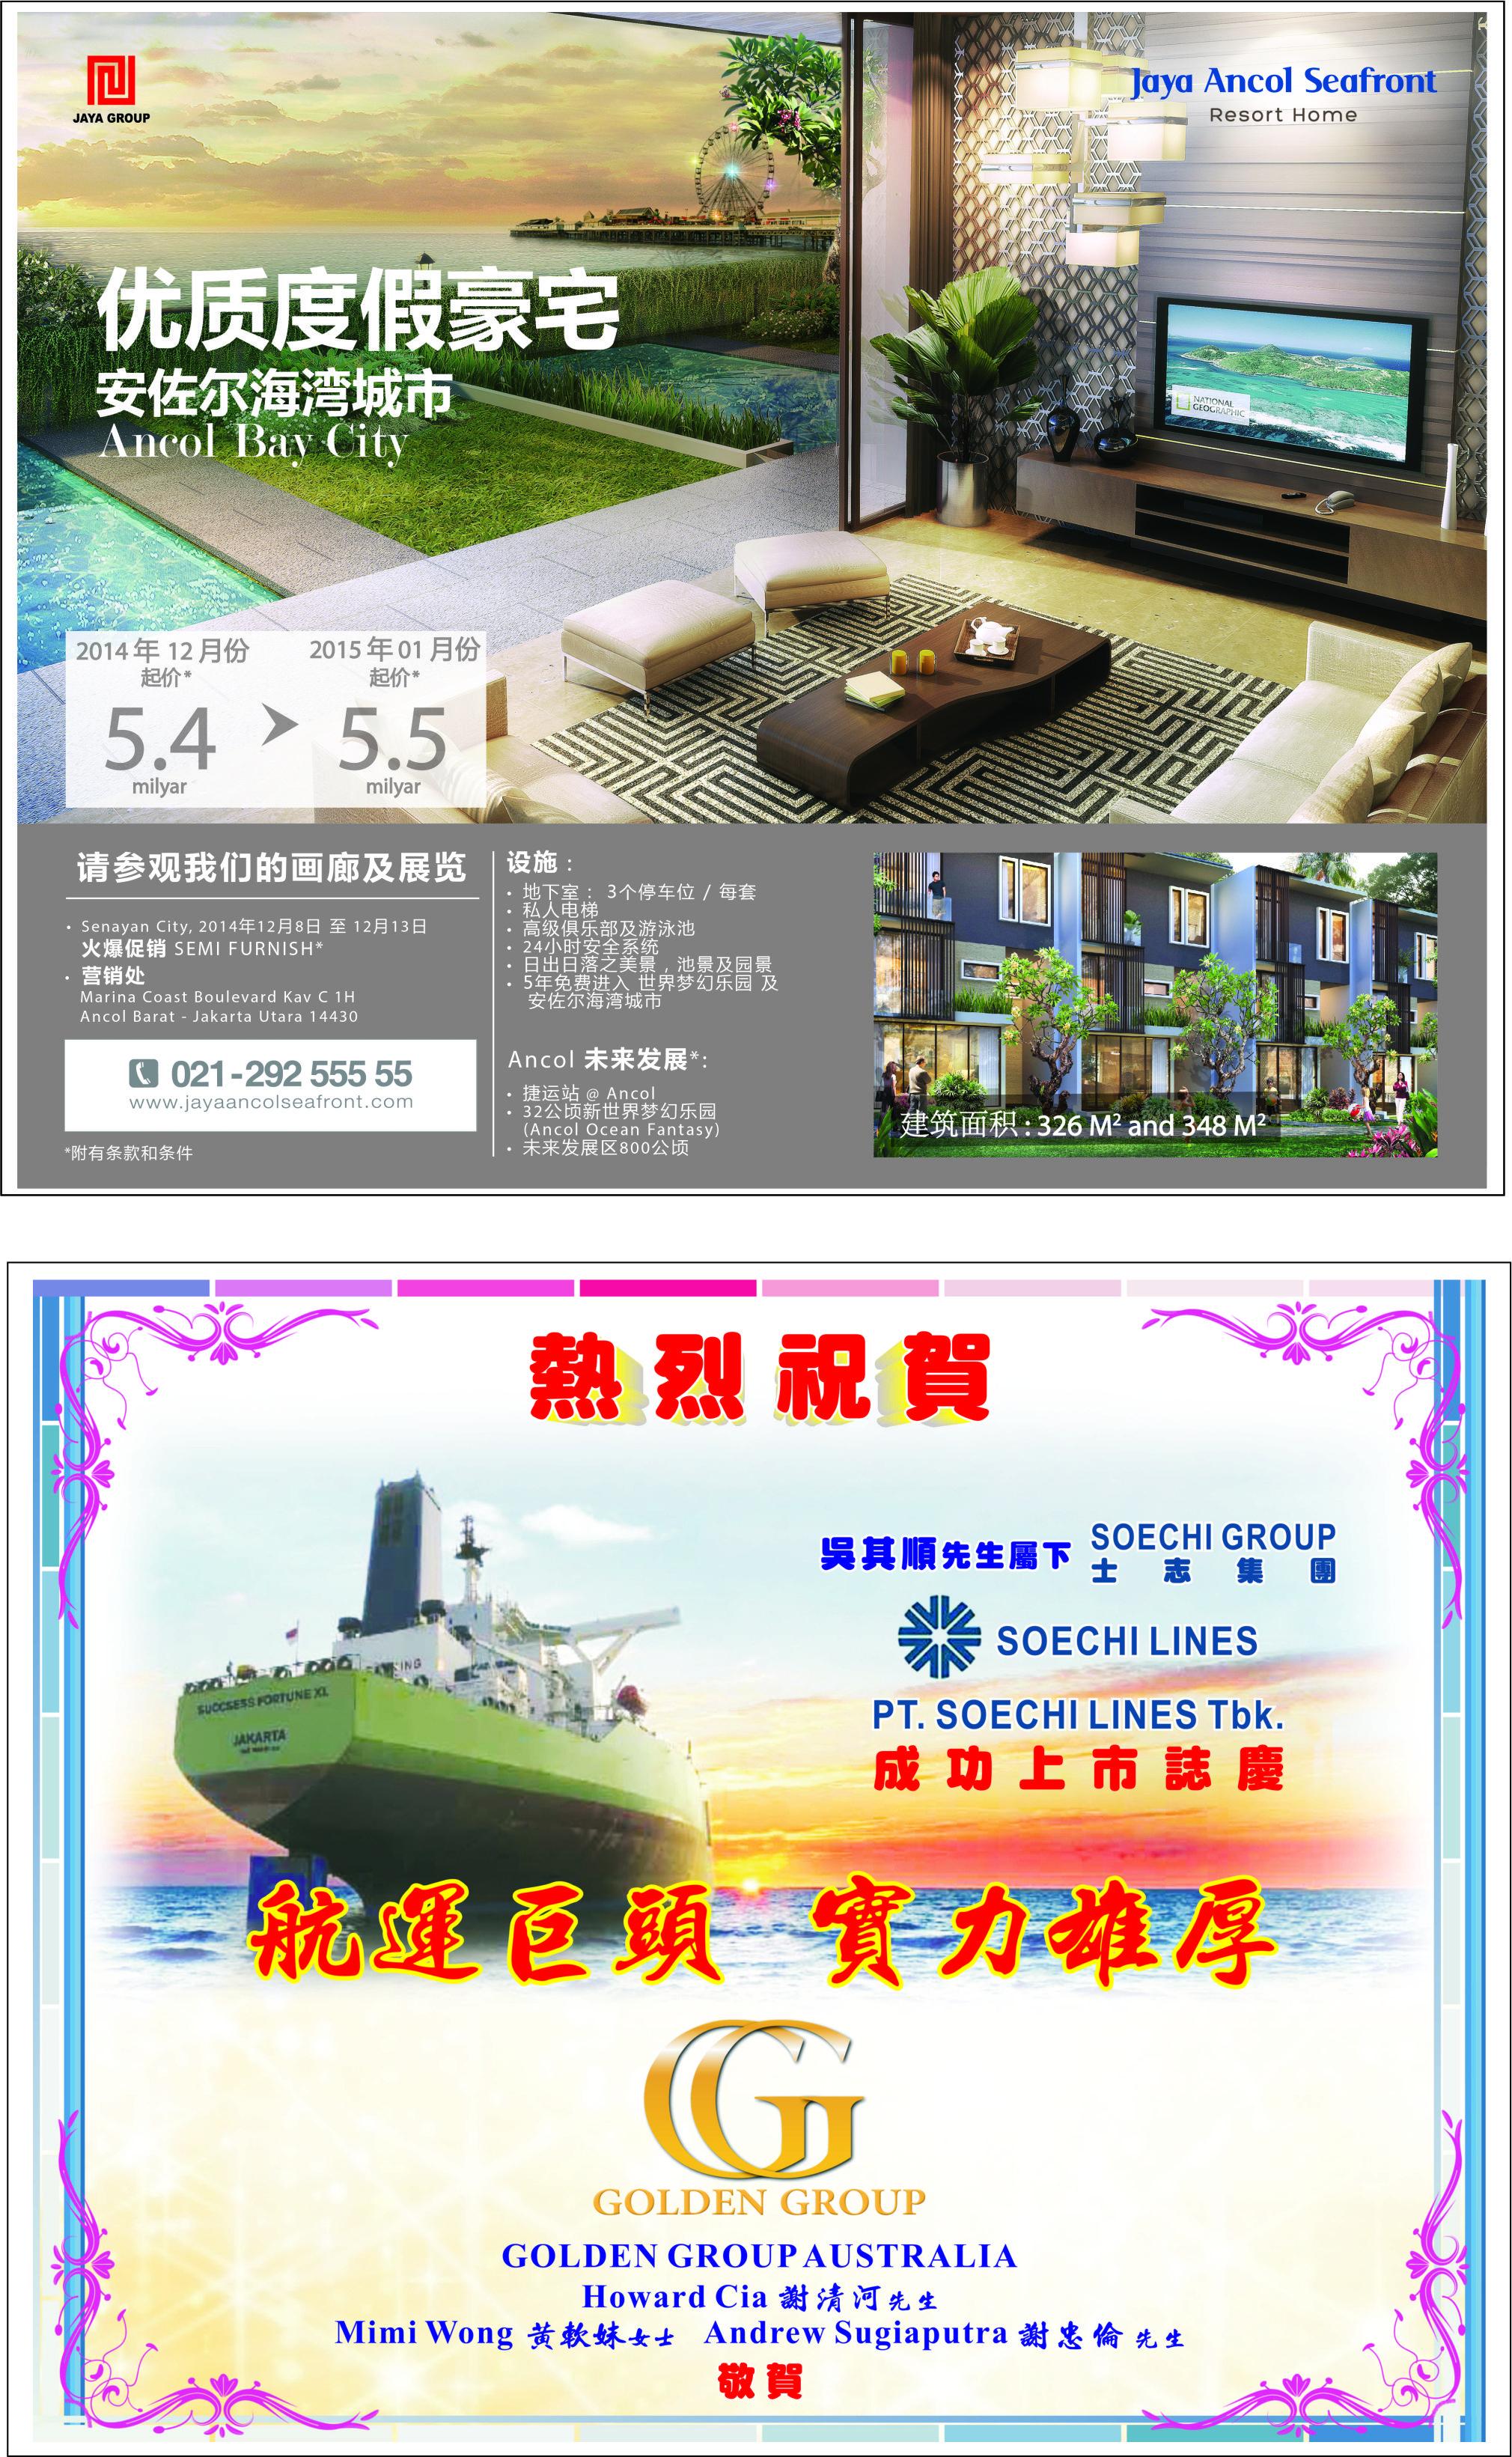 Contoh pemasangan iklan koran Mandarin